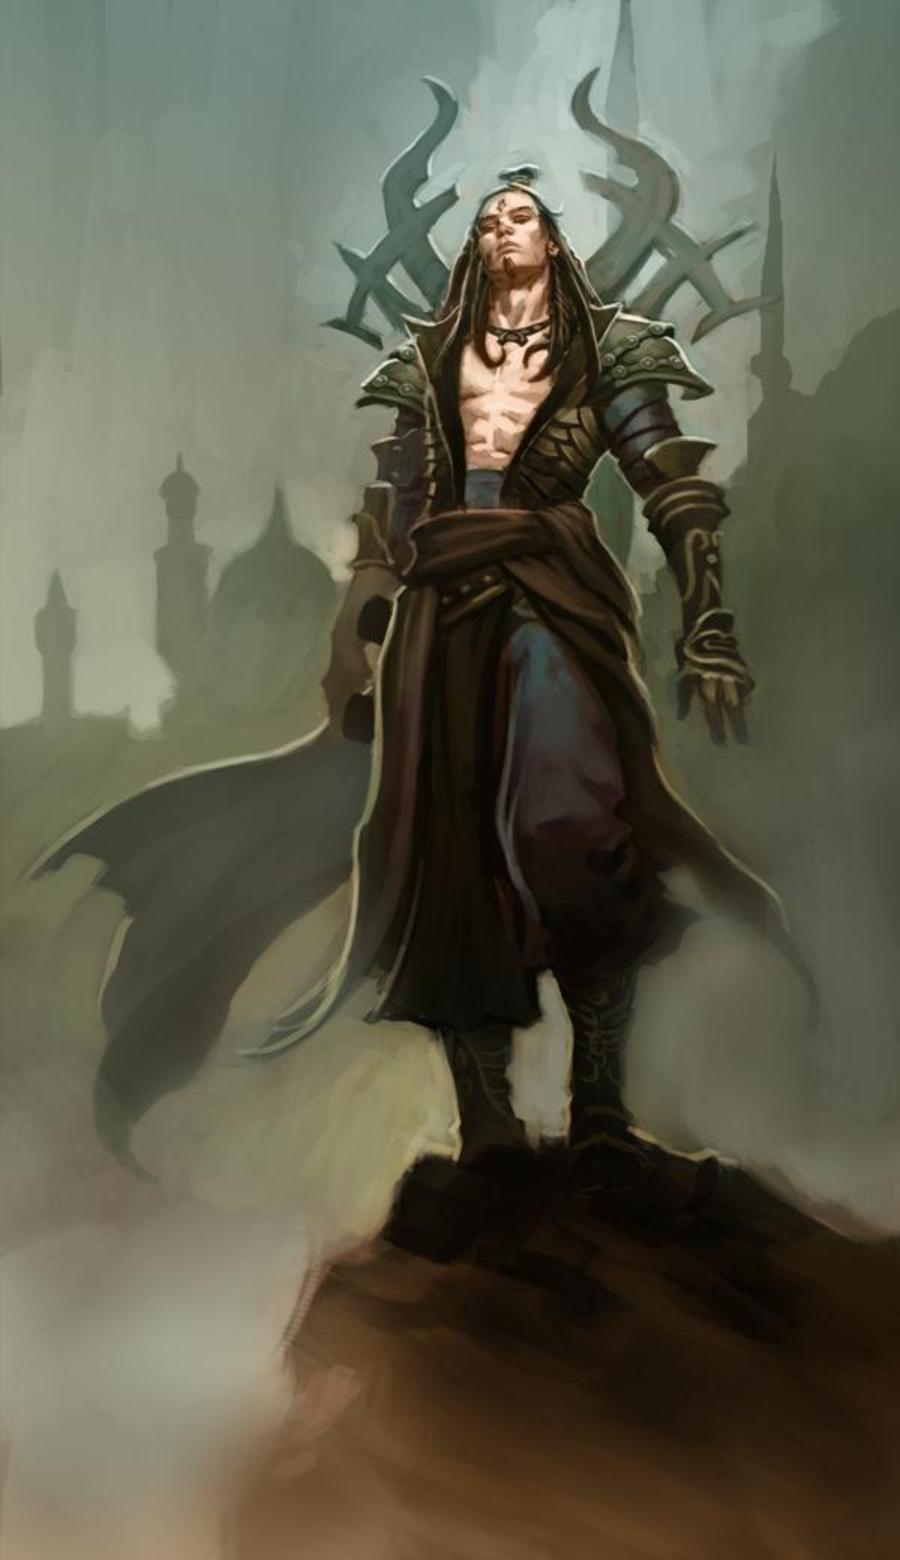 Sorcerer pron exploited toons